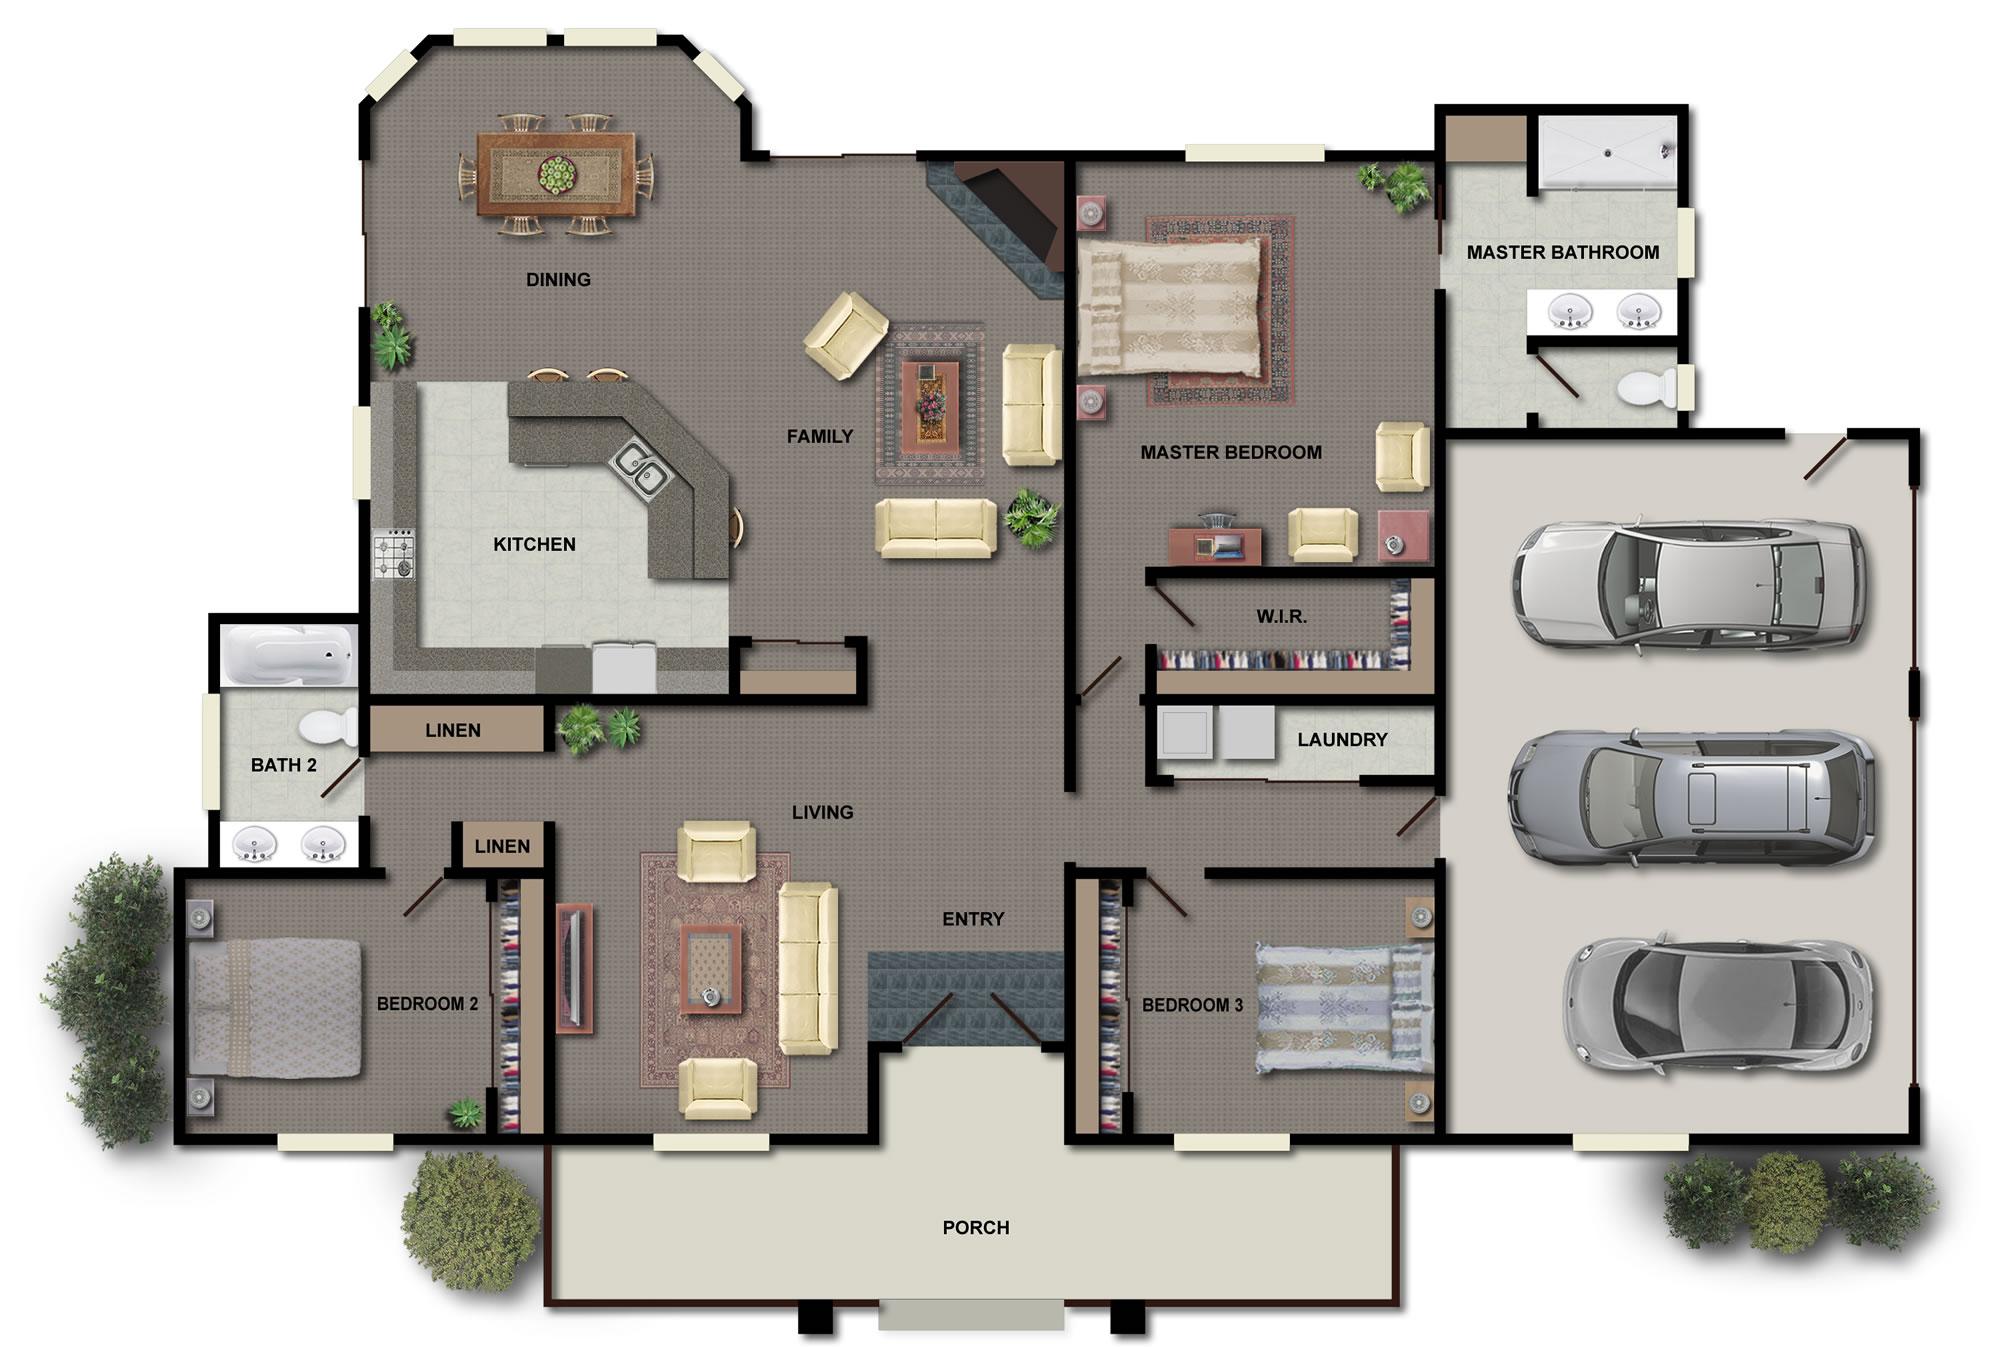 Drawn office blueprint design & Permit Services Plans Houston